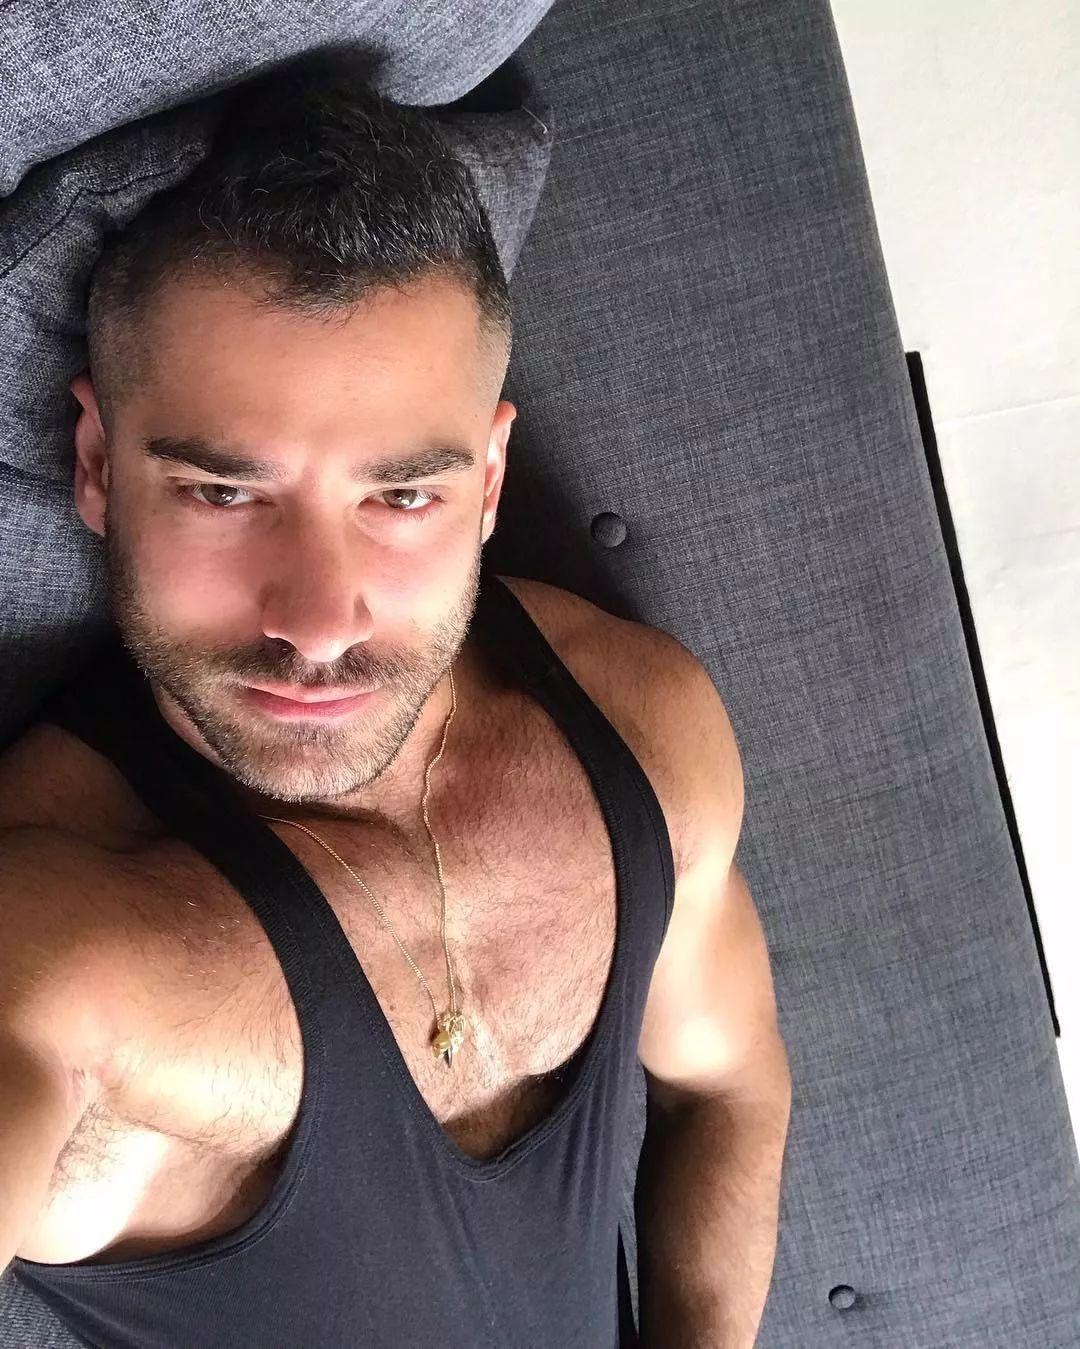 2018082109523921 - 国民老公级别西班牙男模:Jonathan Guijarro